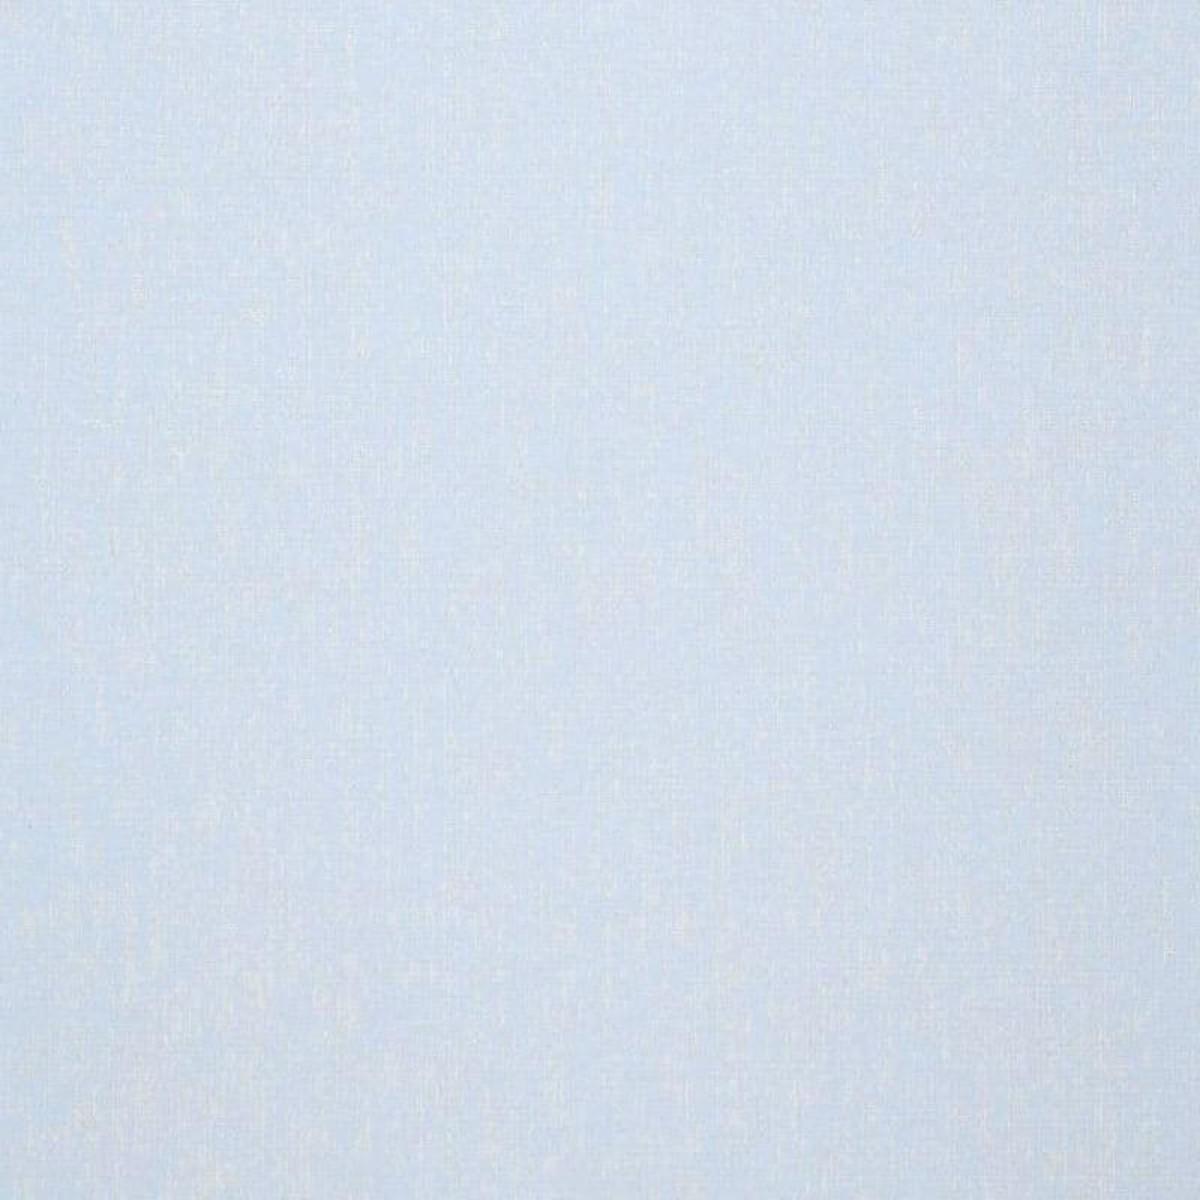 Обои флизелиновые Decoprint Incognito голубые 0.53 м IC16109